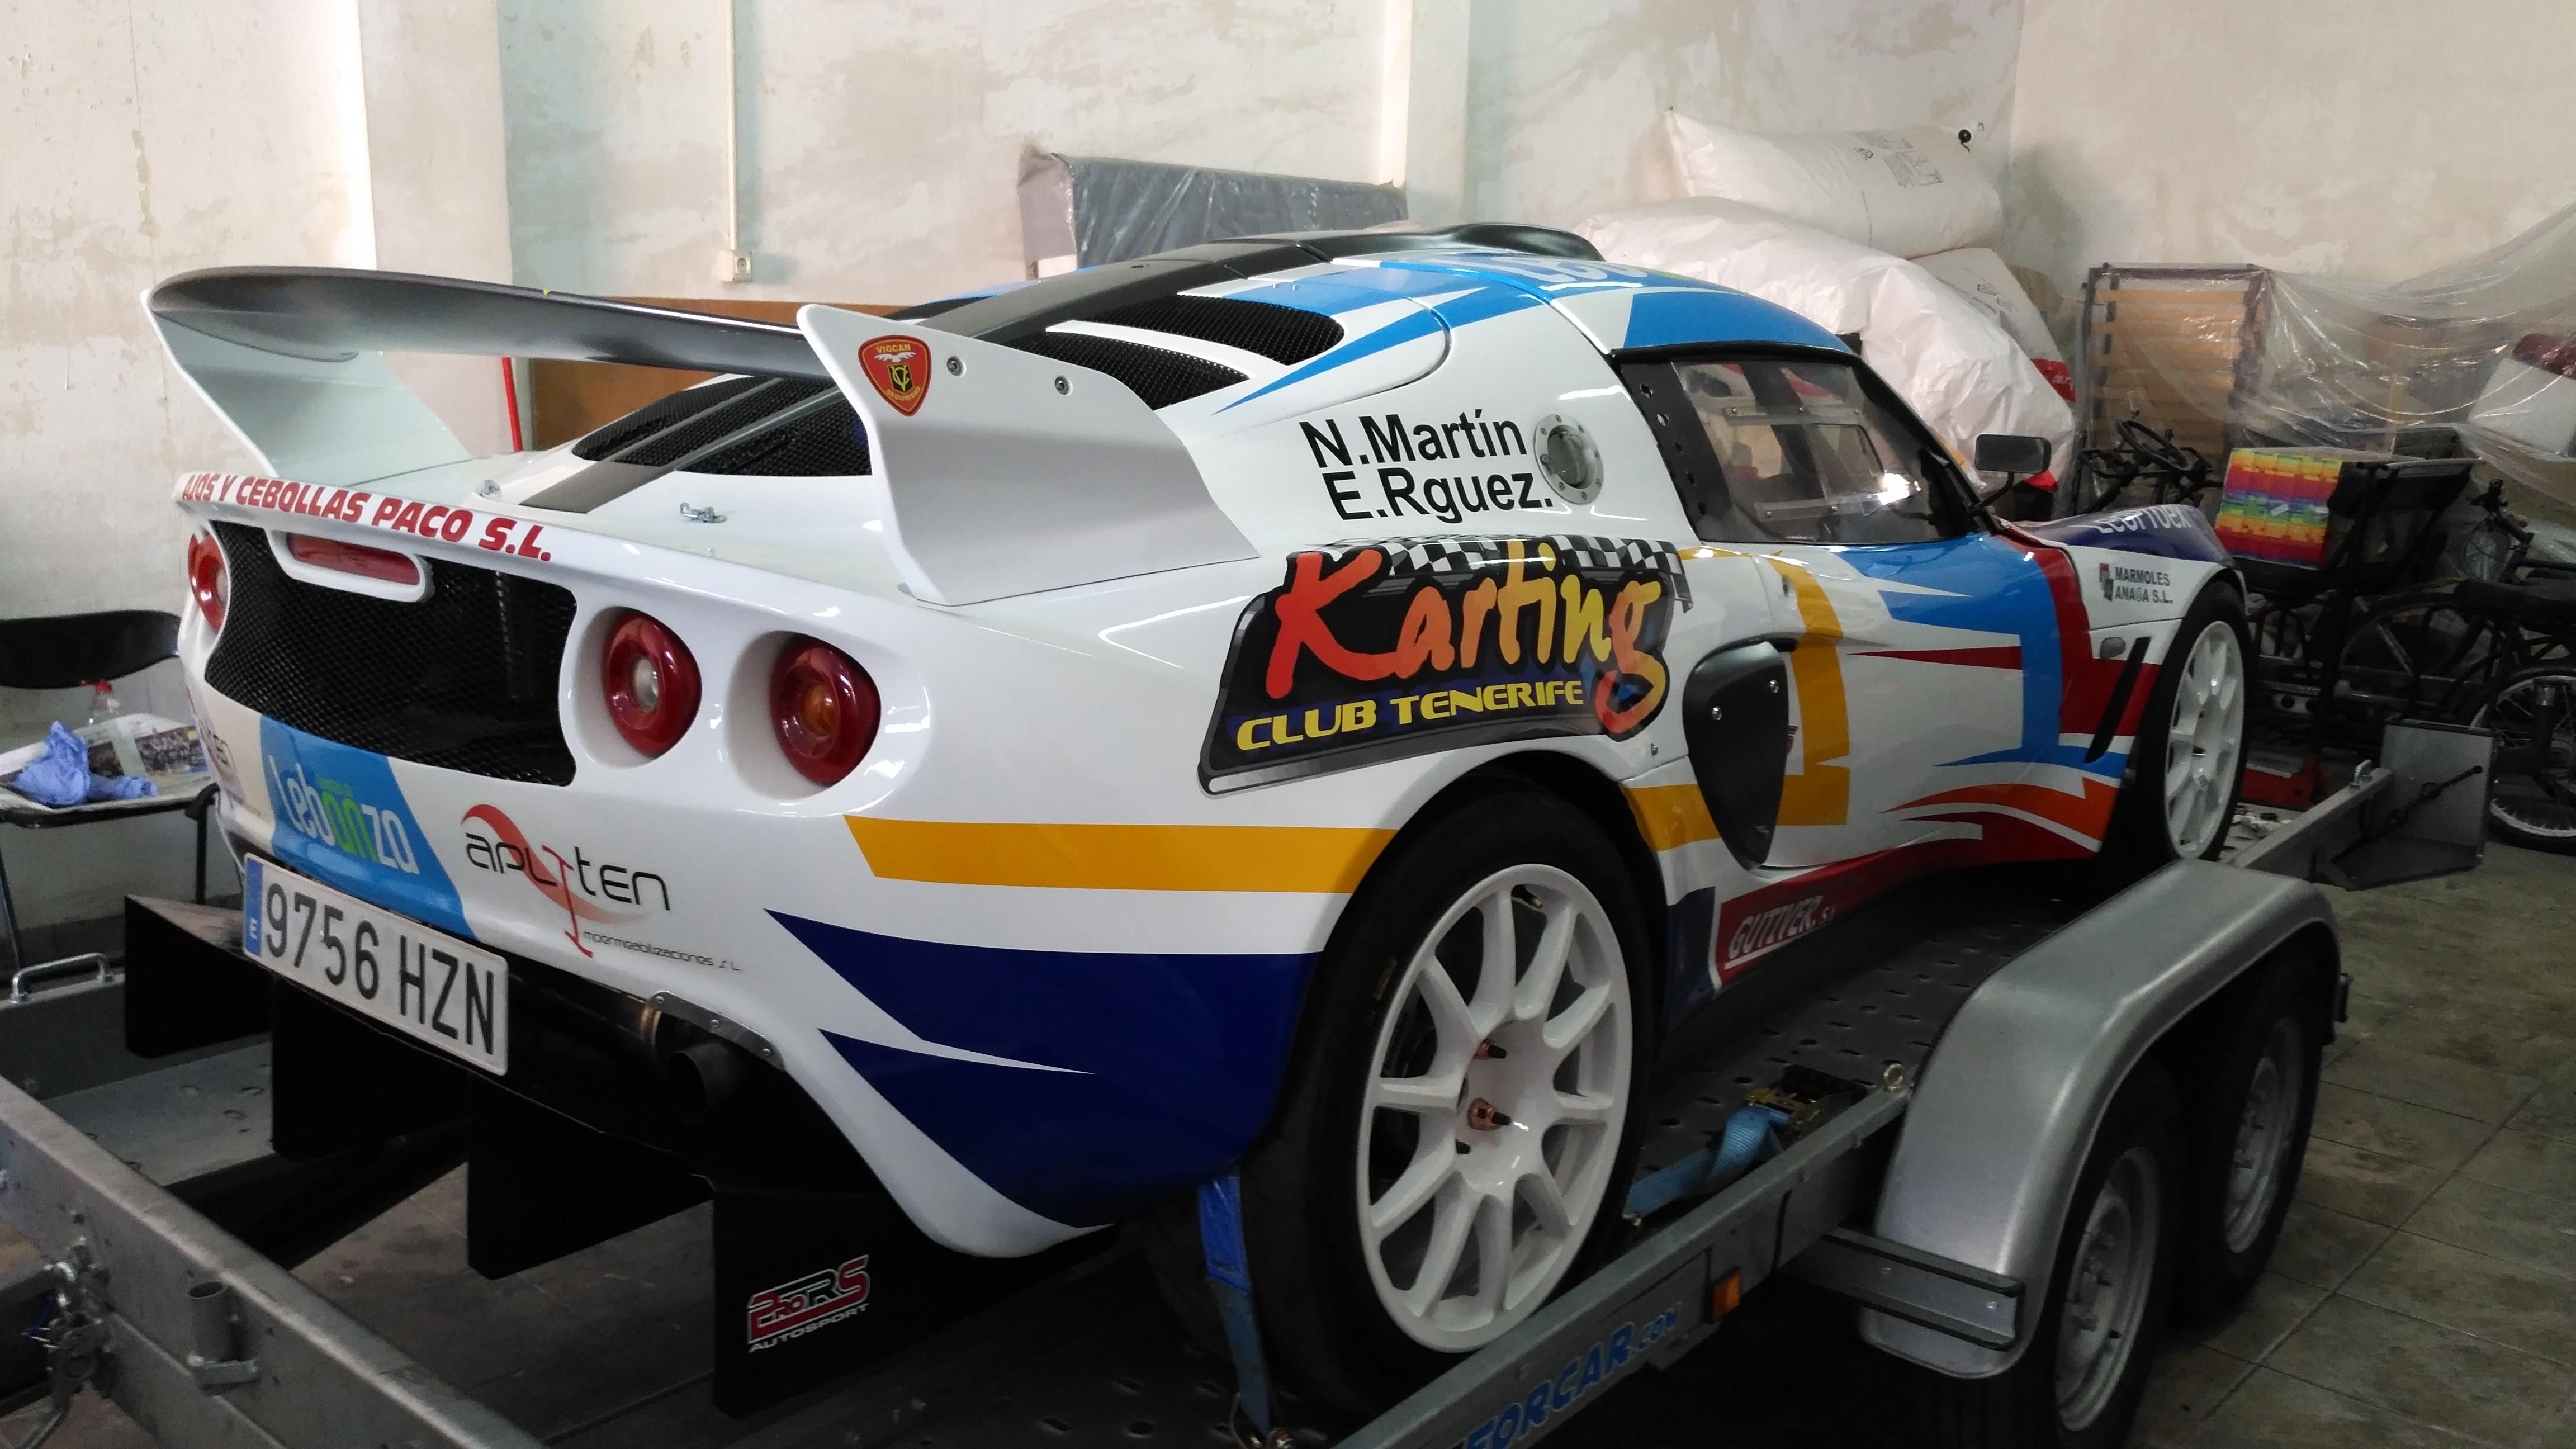 Lotus Esige GT - Neftali Martín / Estefanía Rodríguez